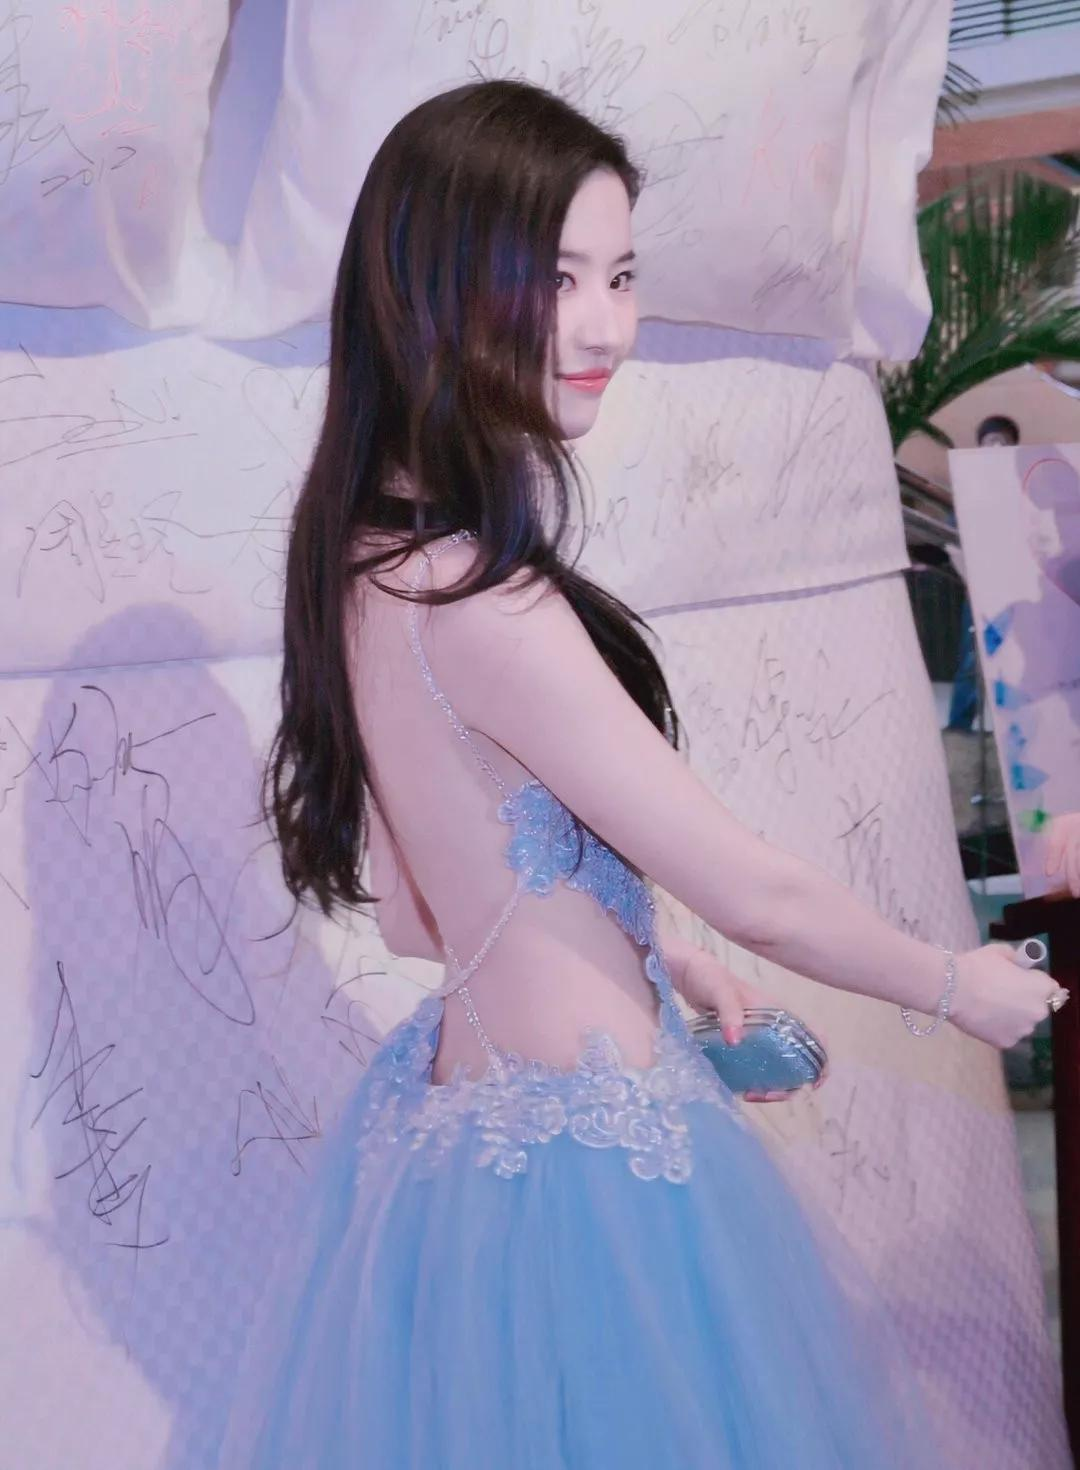 劉亦菲版《花木蘭》預告片刷屏,人美還那么努力!-第22張圖片